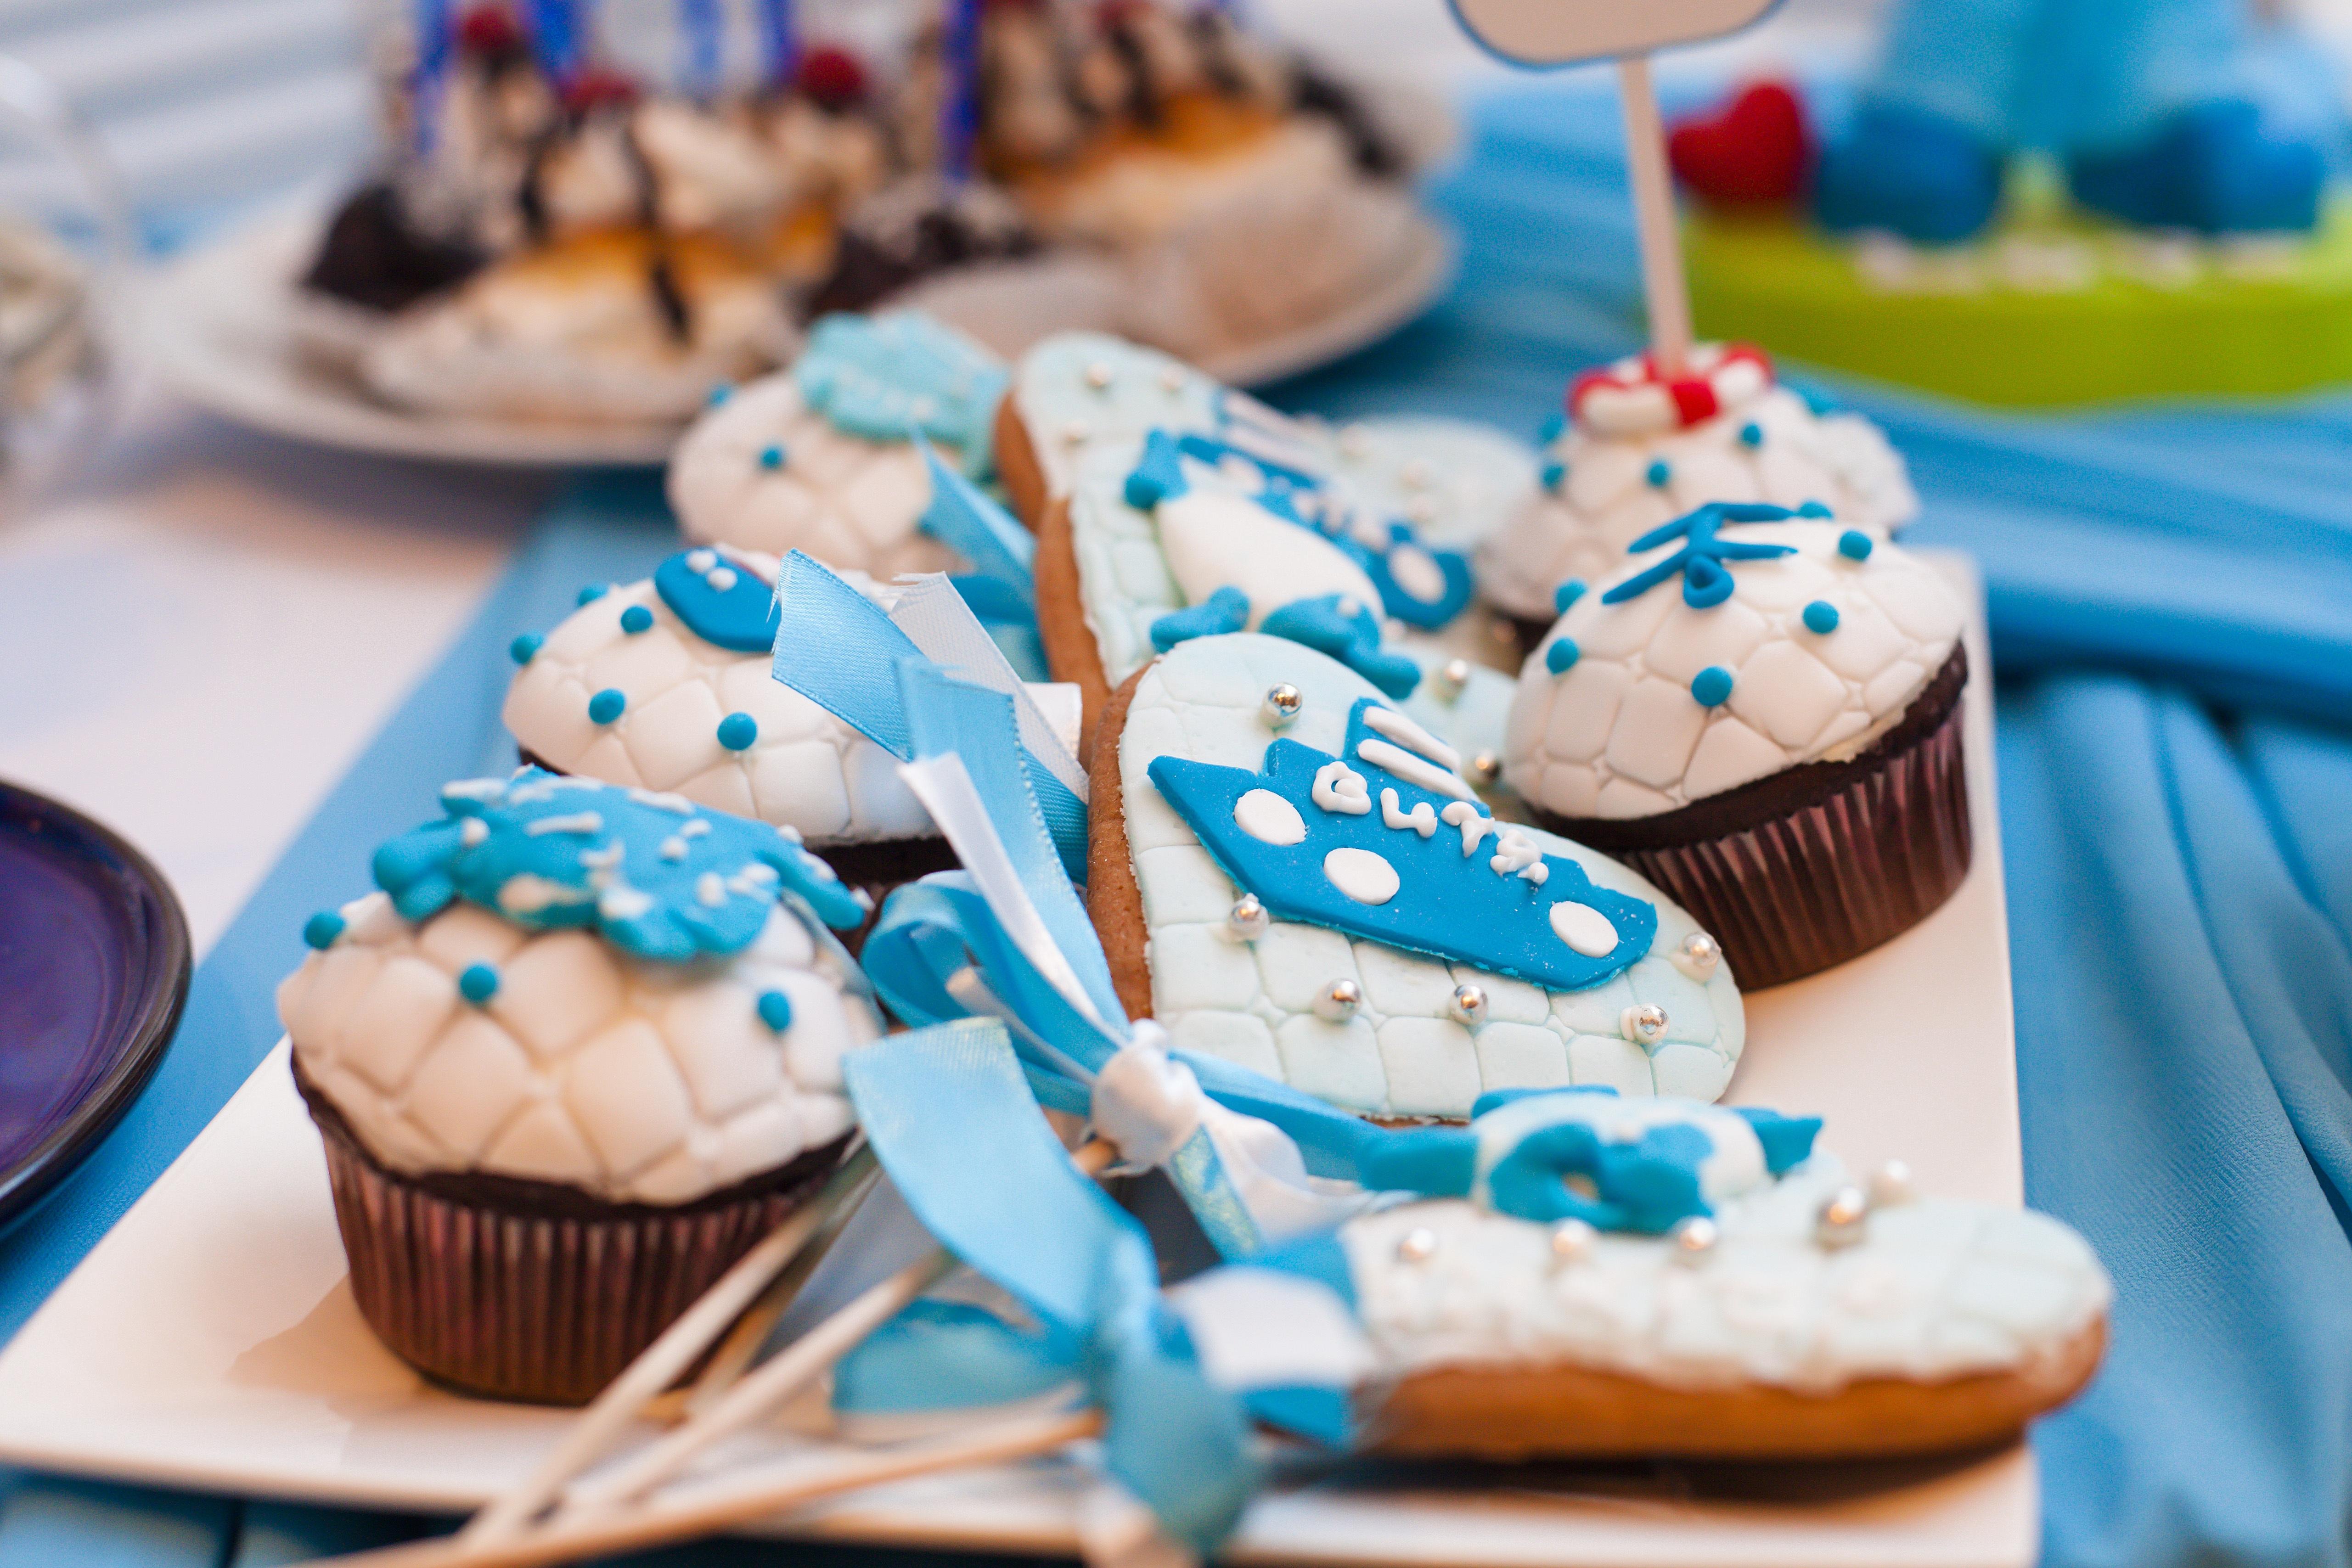 Free Images White Sweet Cooking Blue Closeup Cupcake Baking